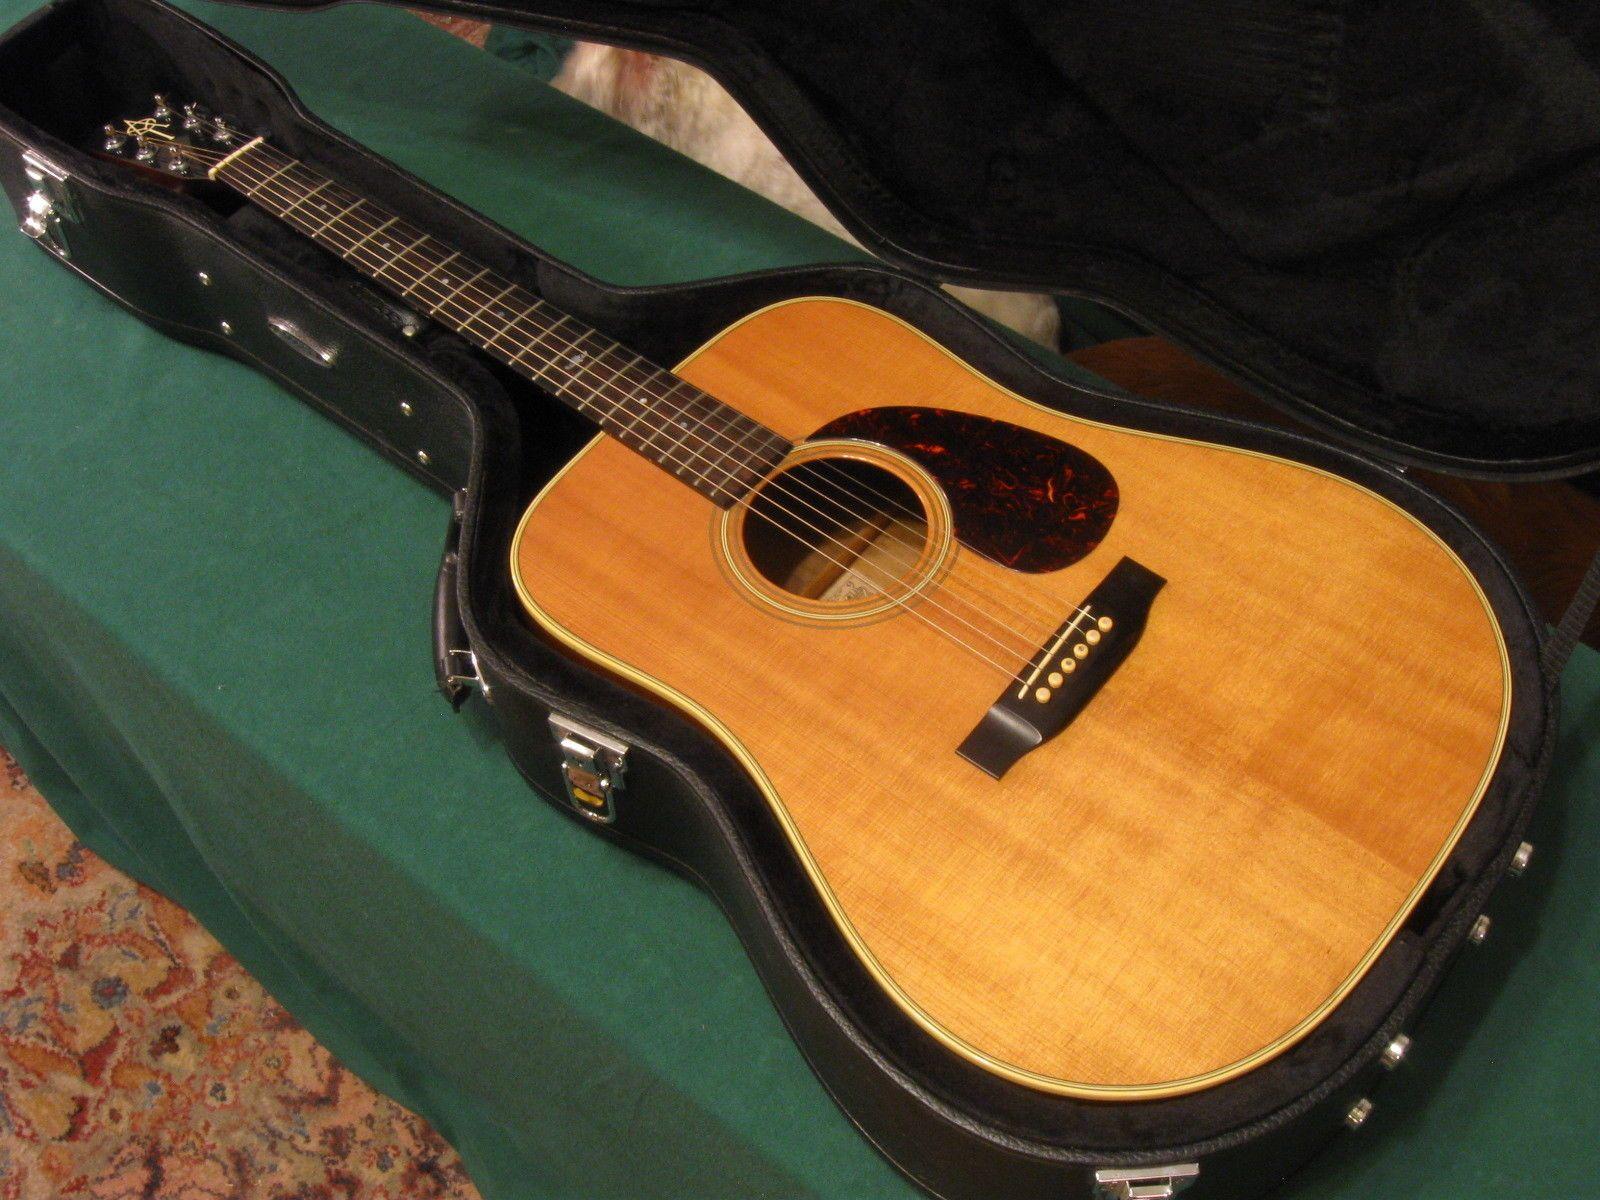 Vintage 1983 Alvarez Yairi DY 48 Acoustic Guitar Kazuo Yairi K w Hard Case